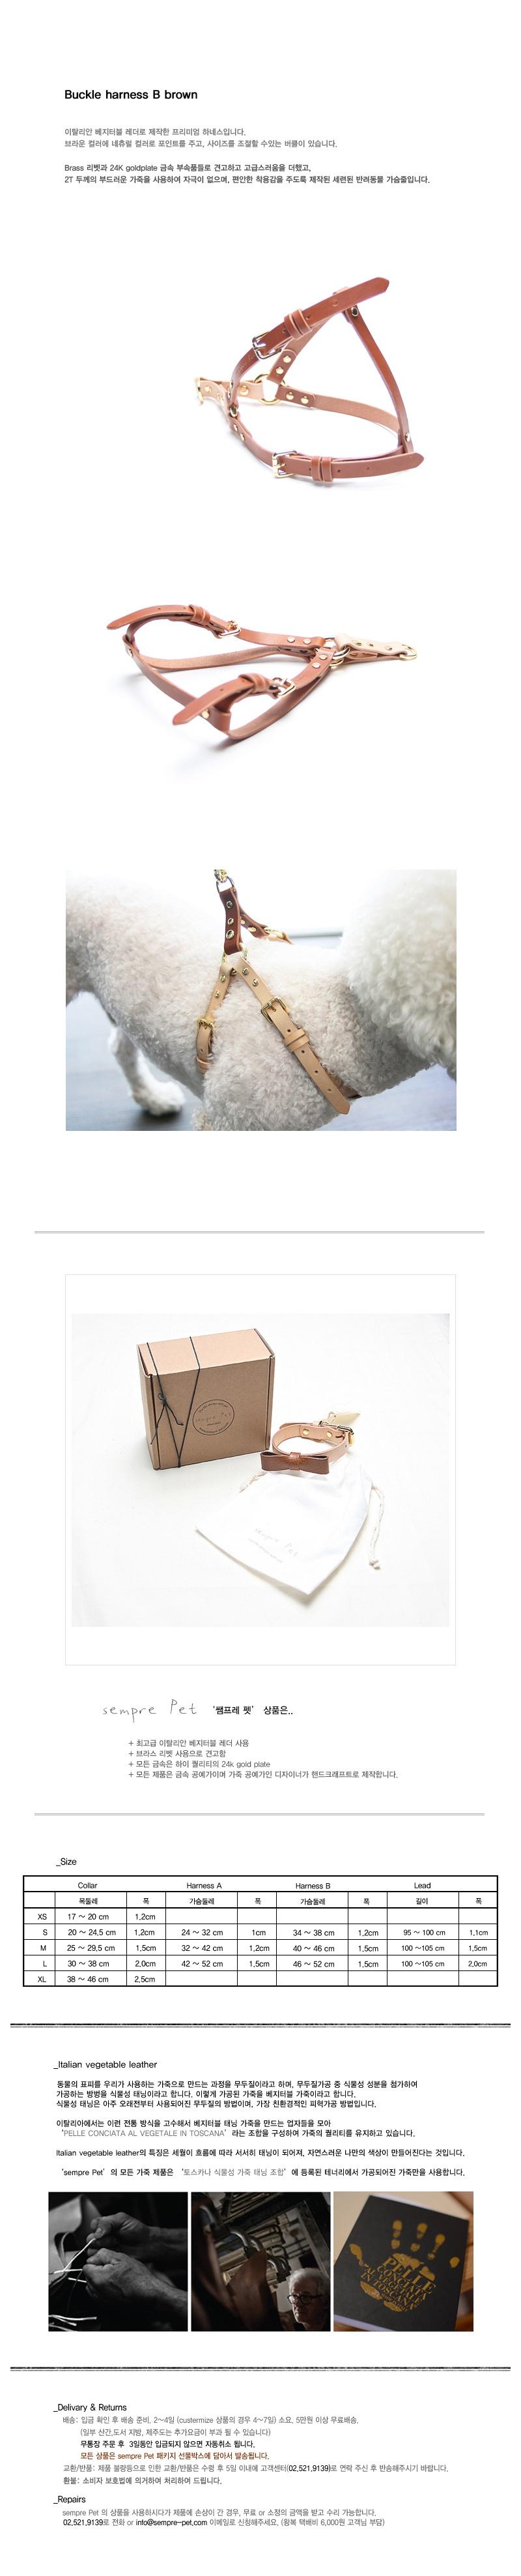 쌤프레 펫(SEMPRE PET) Buckle harness B brown